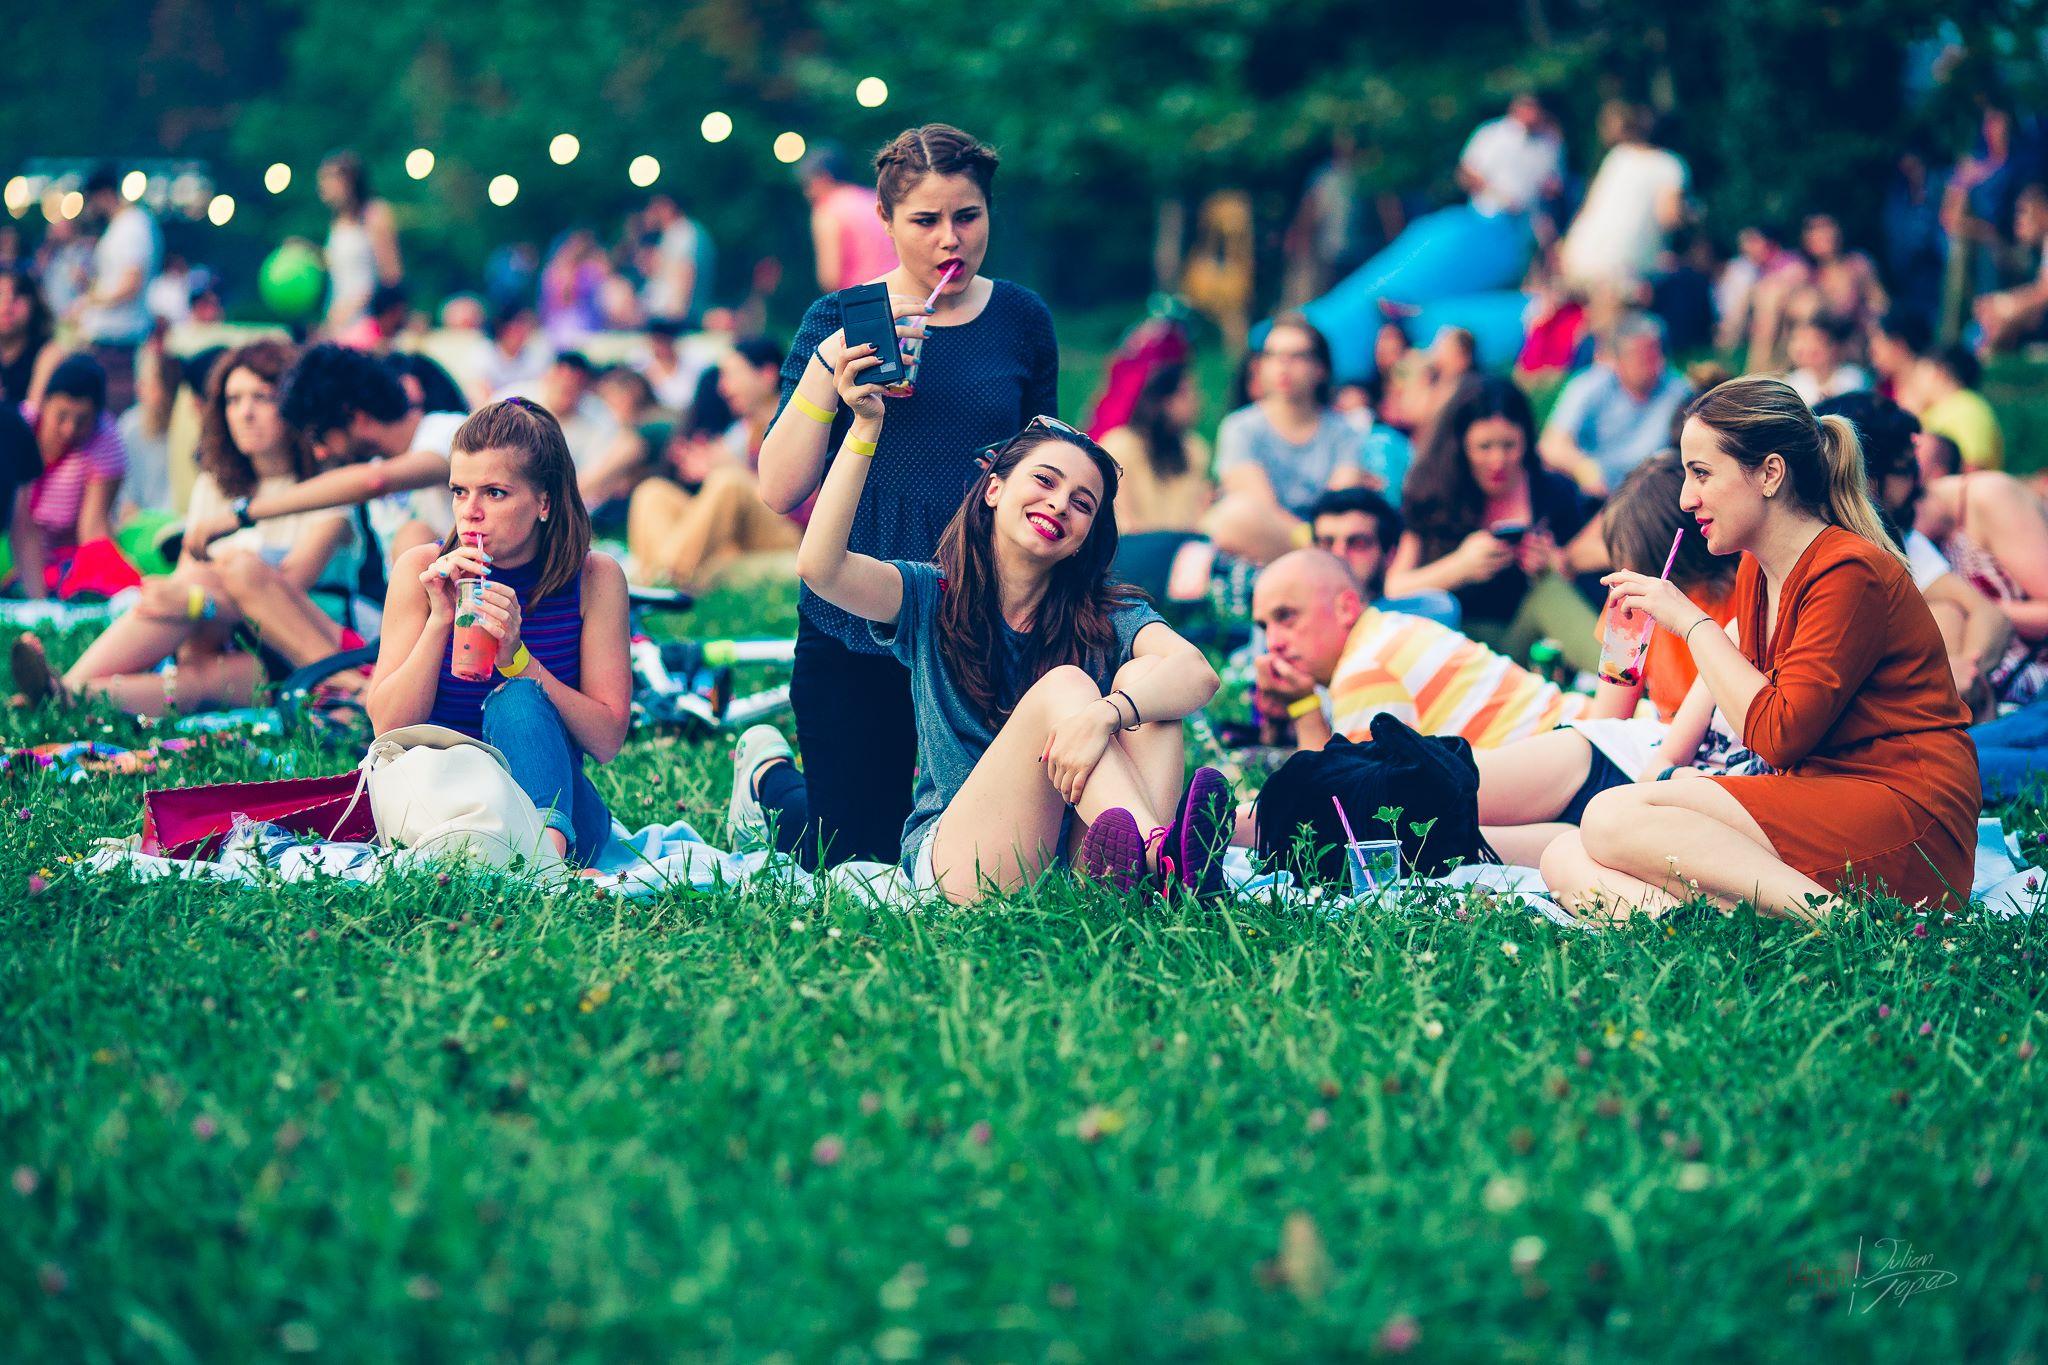 picnic vibe 7